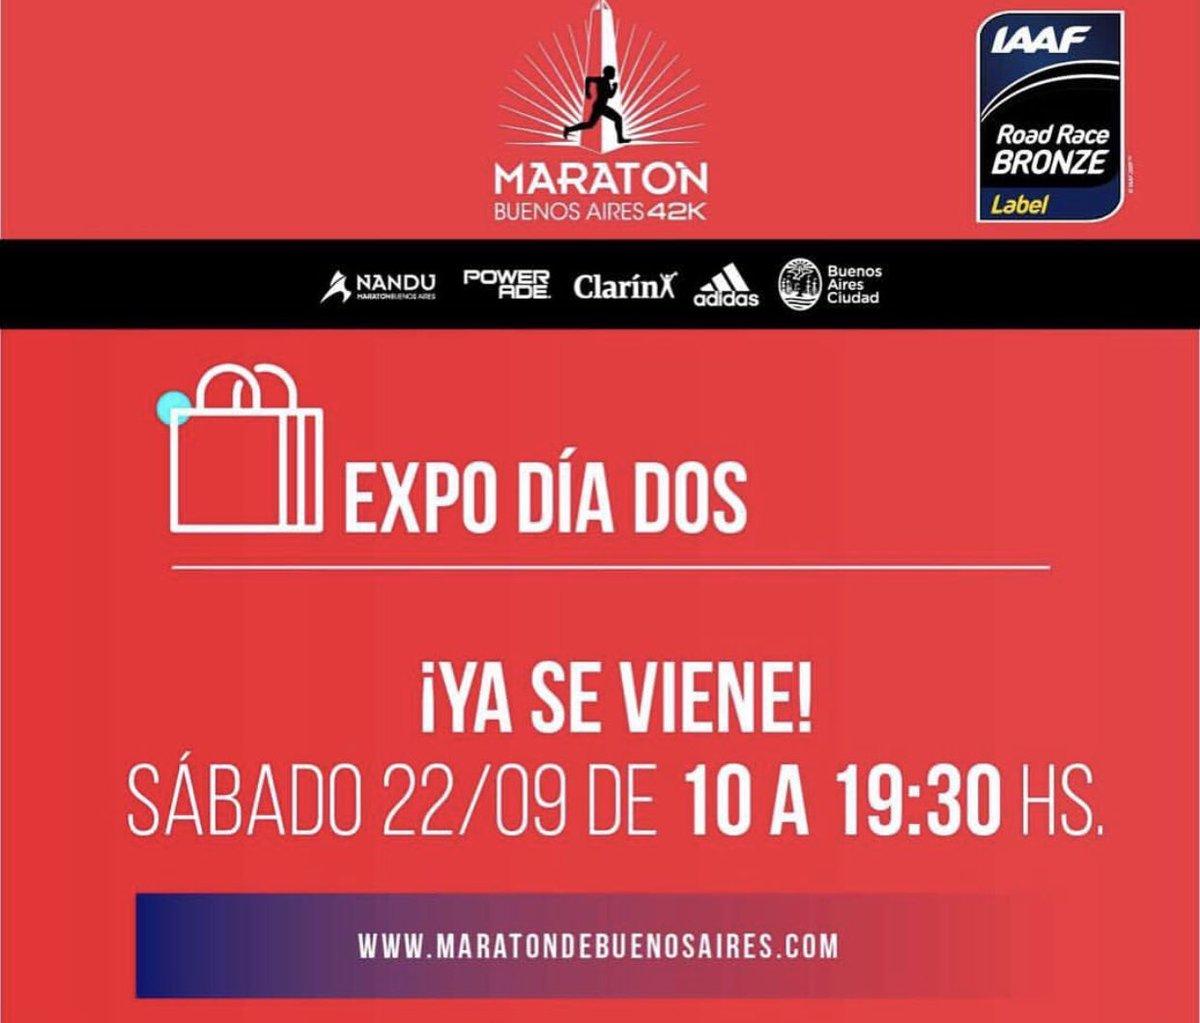 Runningblogcomar Running Blog Twitter Profile Twipu Para El Circuito Ironman 703 Noticias De La Ciudad Buenos Aires Hoy Expo Bamaraton Es Hasta 1930 Atenti